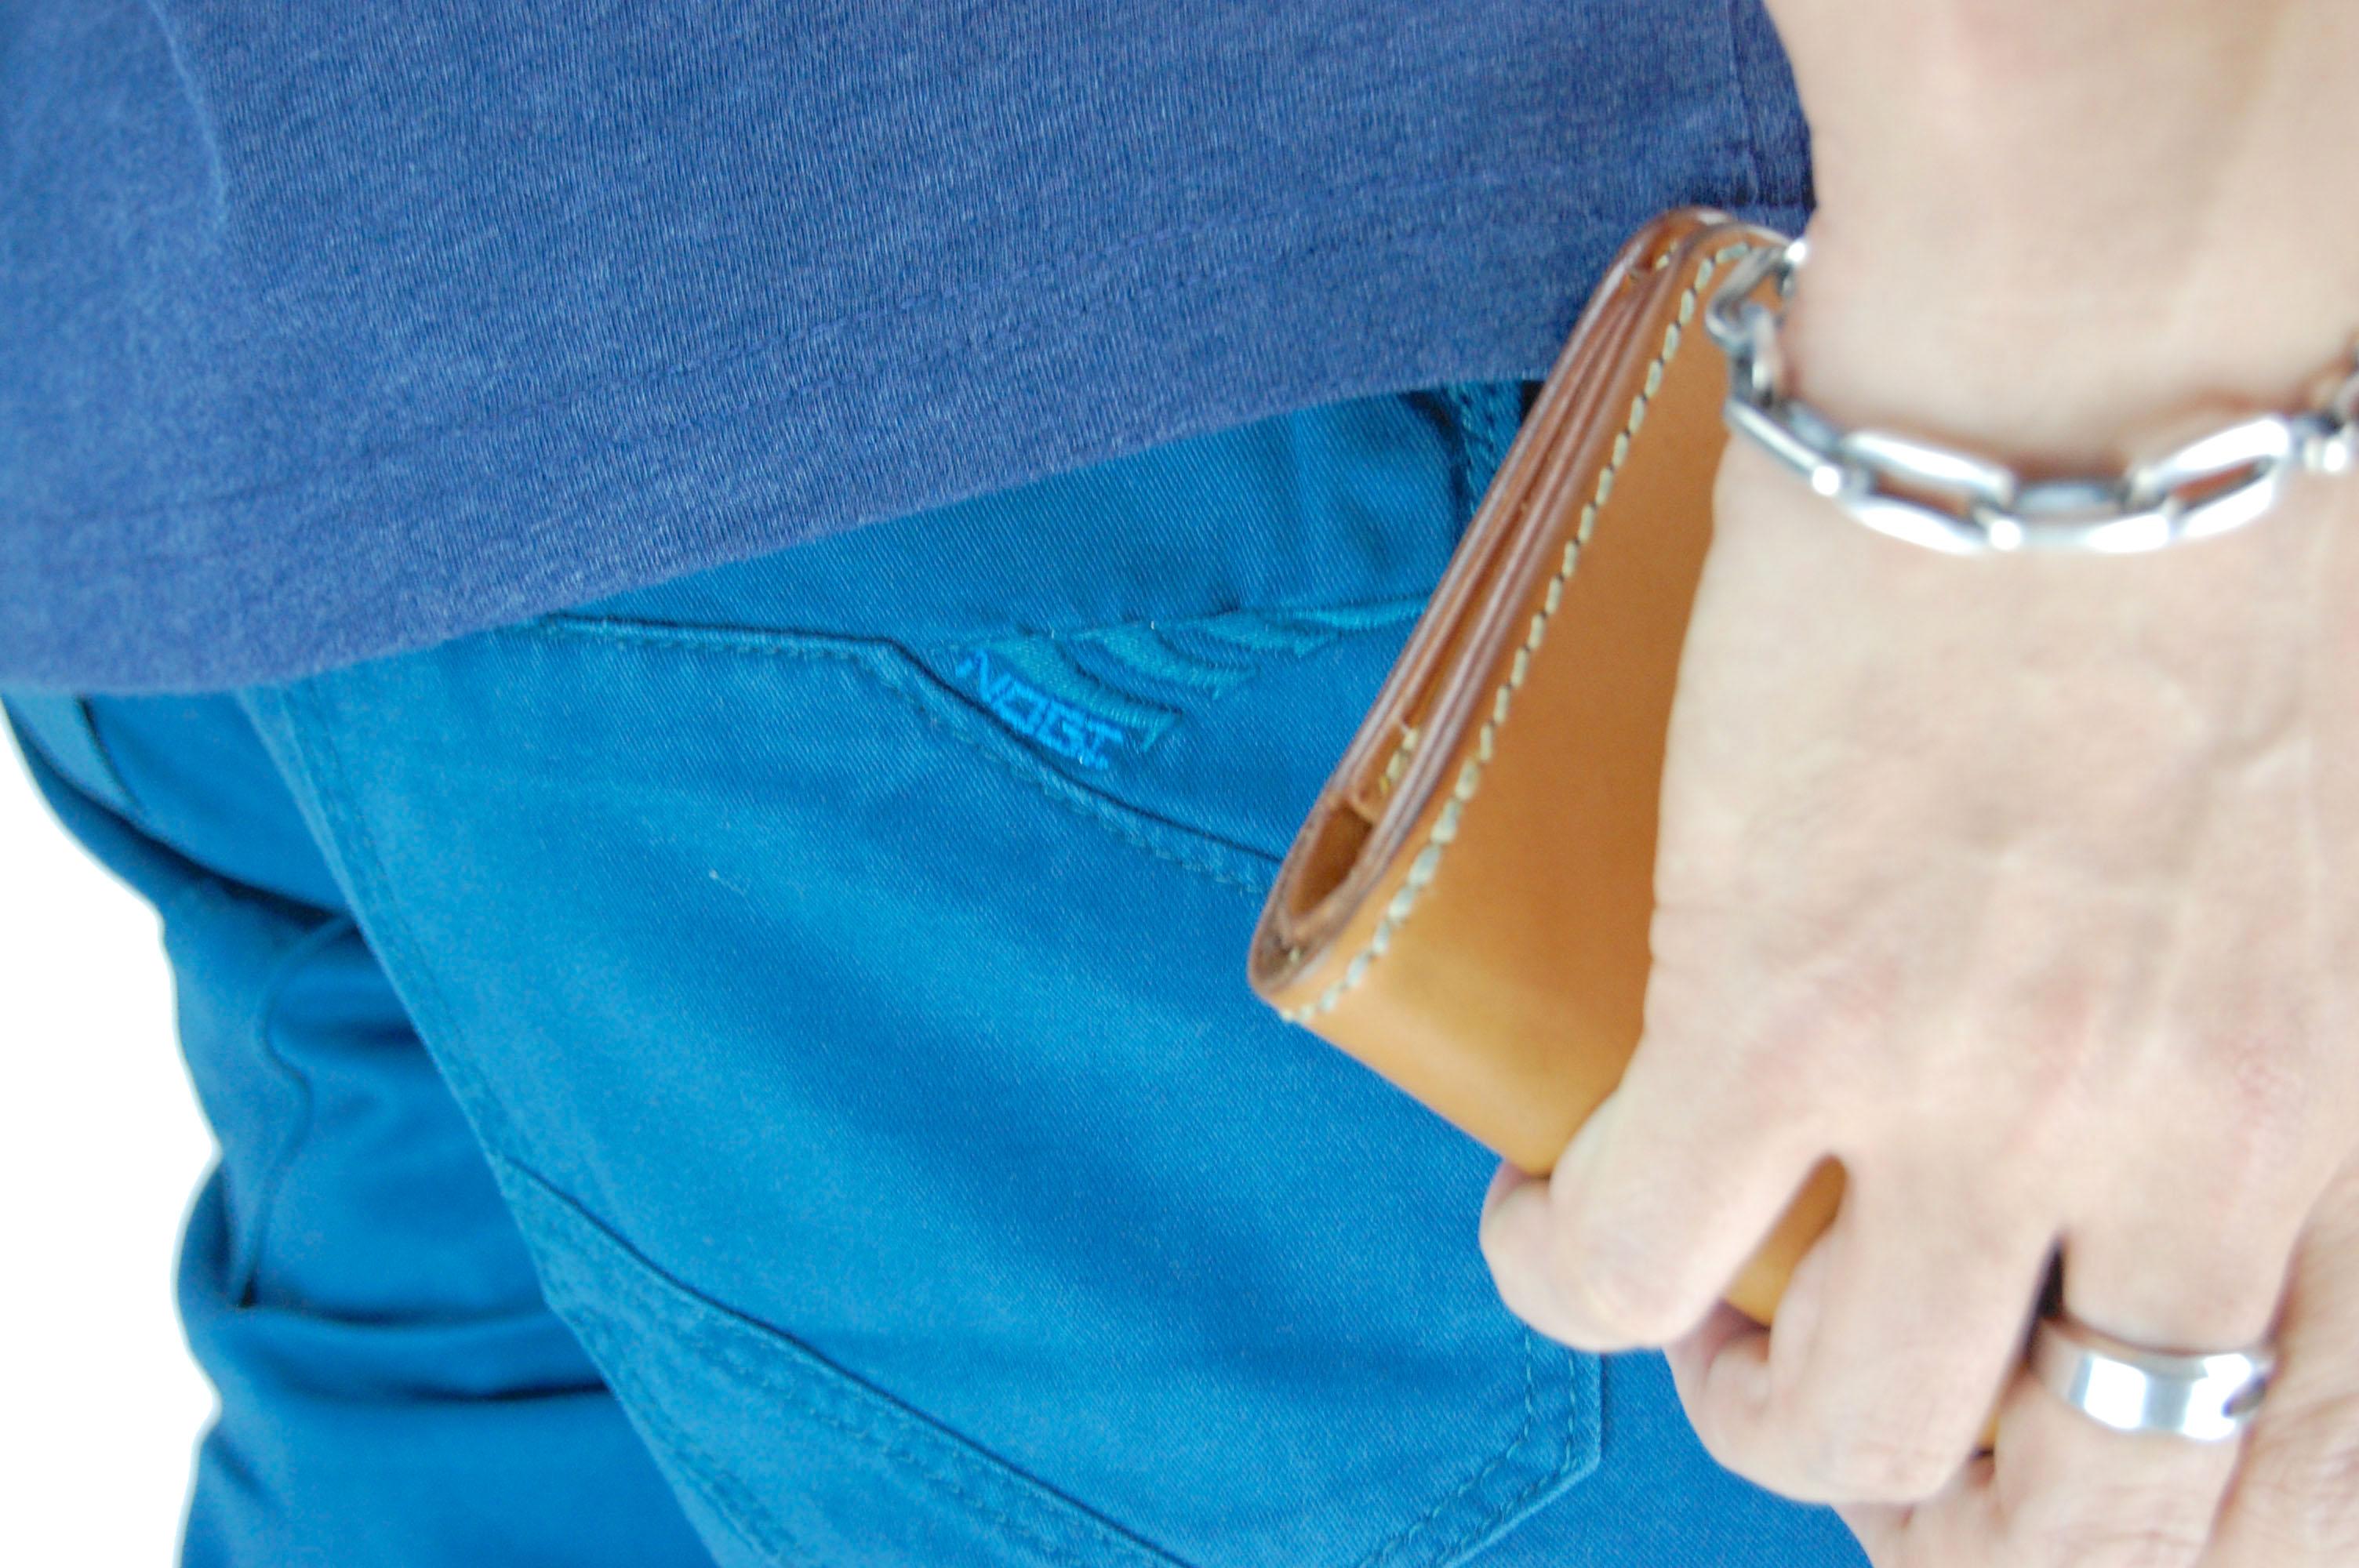 กางเกงขาสั้น สีฟ้าเข้ม NT28-3--7